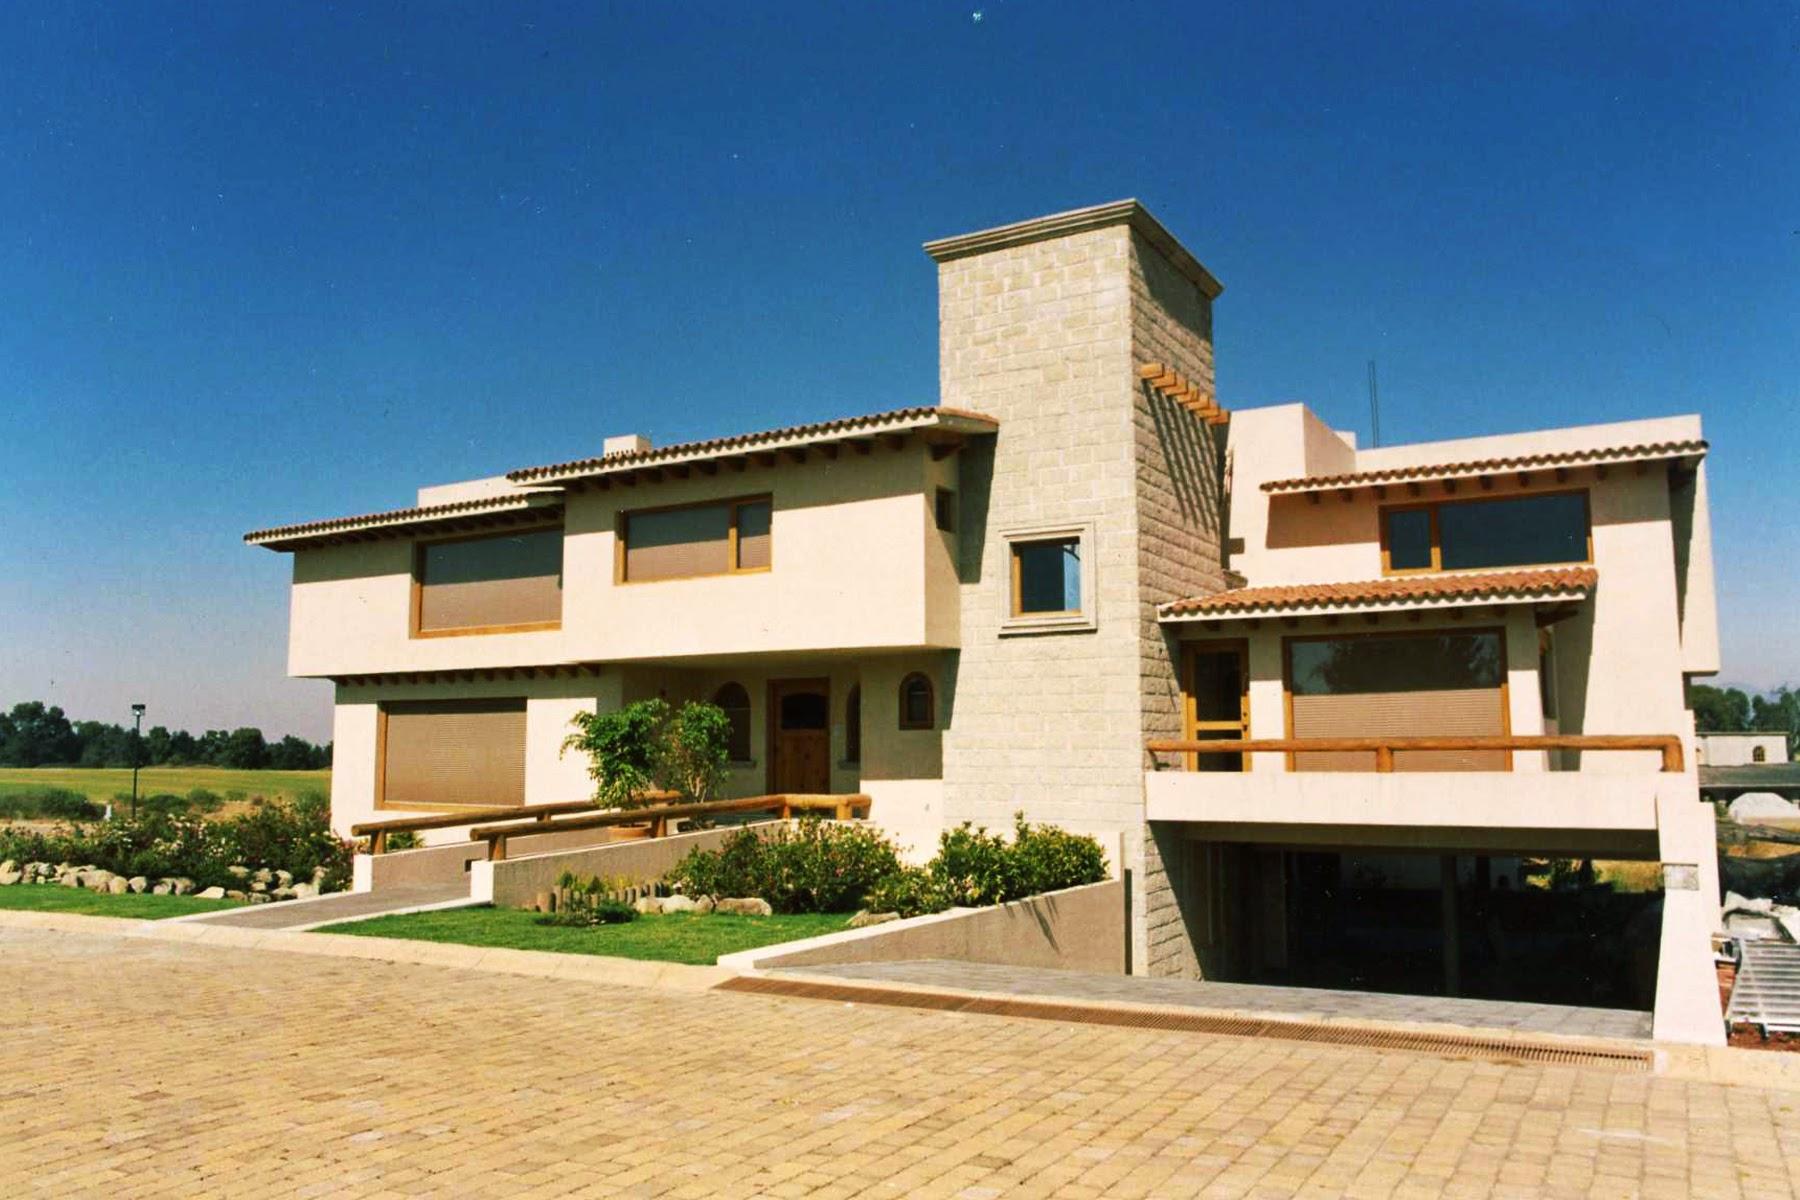 carlos-ezquerro-arquitecto-proyectos-